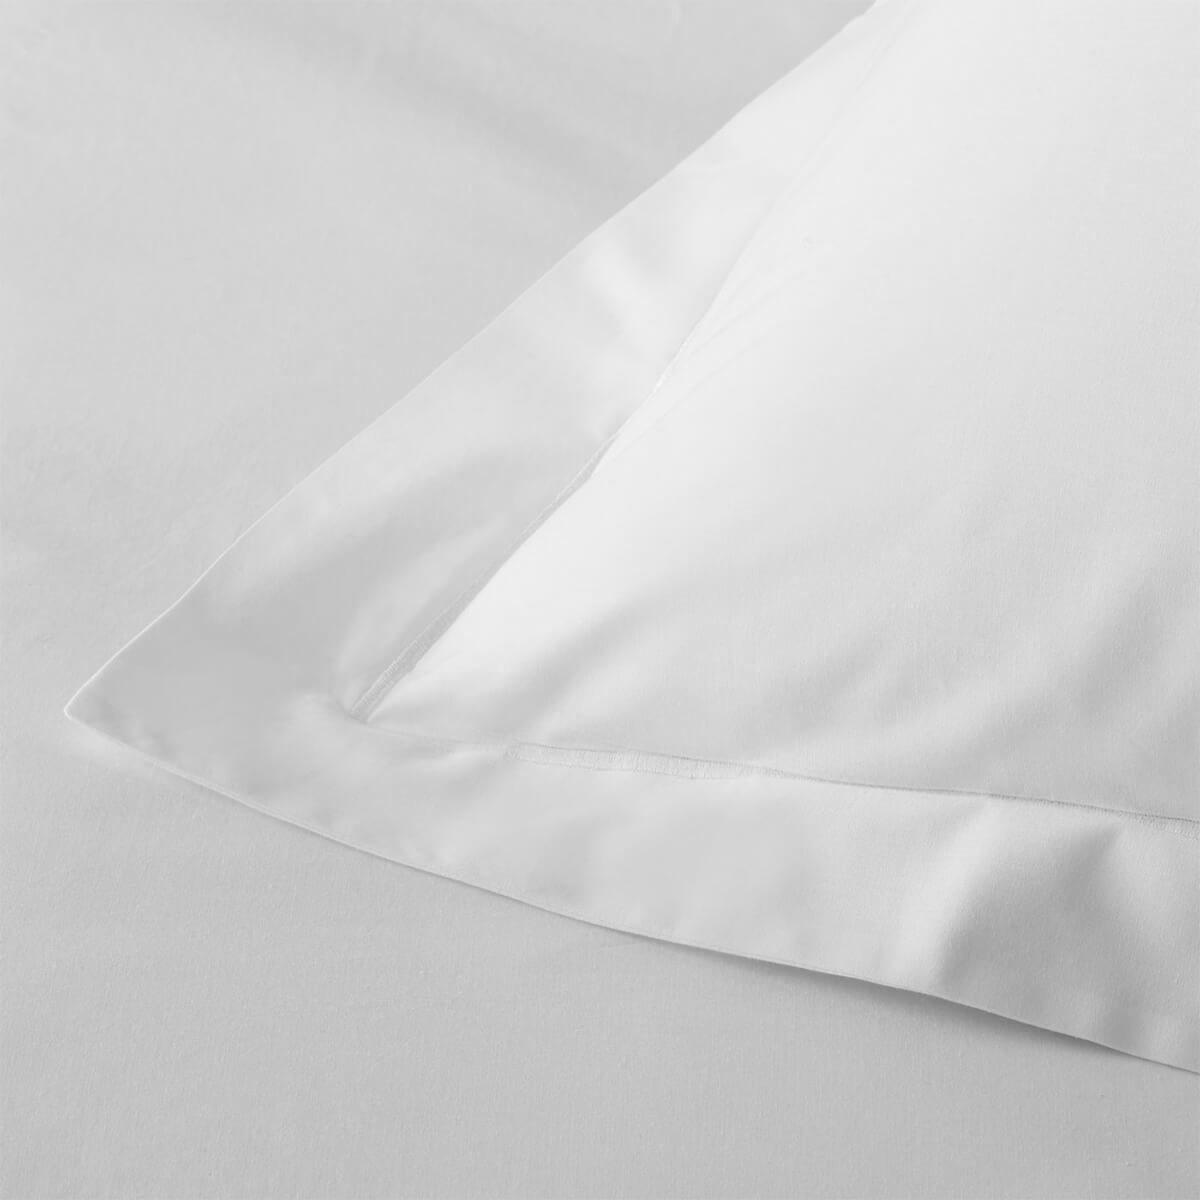 White 200 Thread Count Egyptian Cotton Superking Oxford Pillowcase Pair